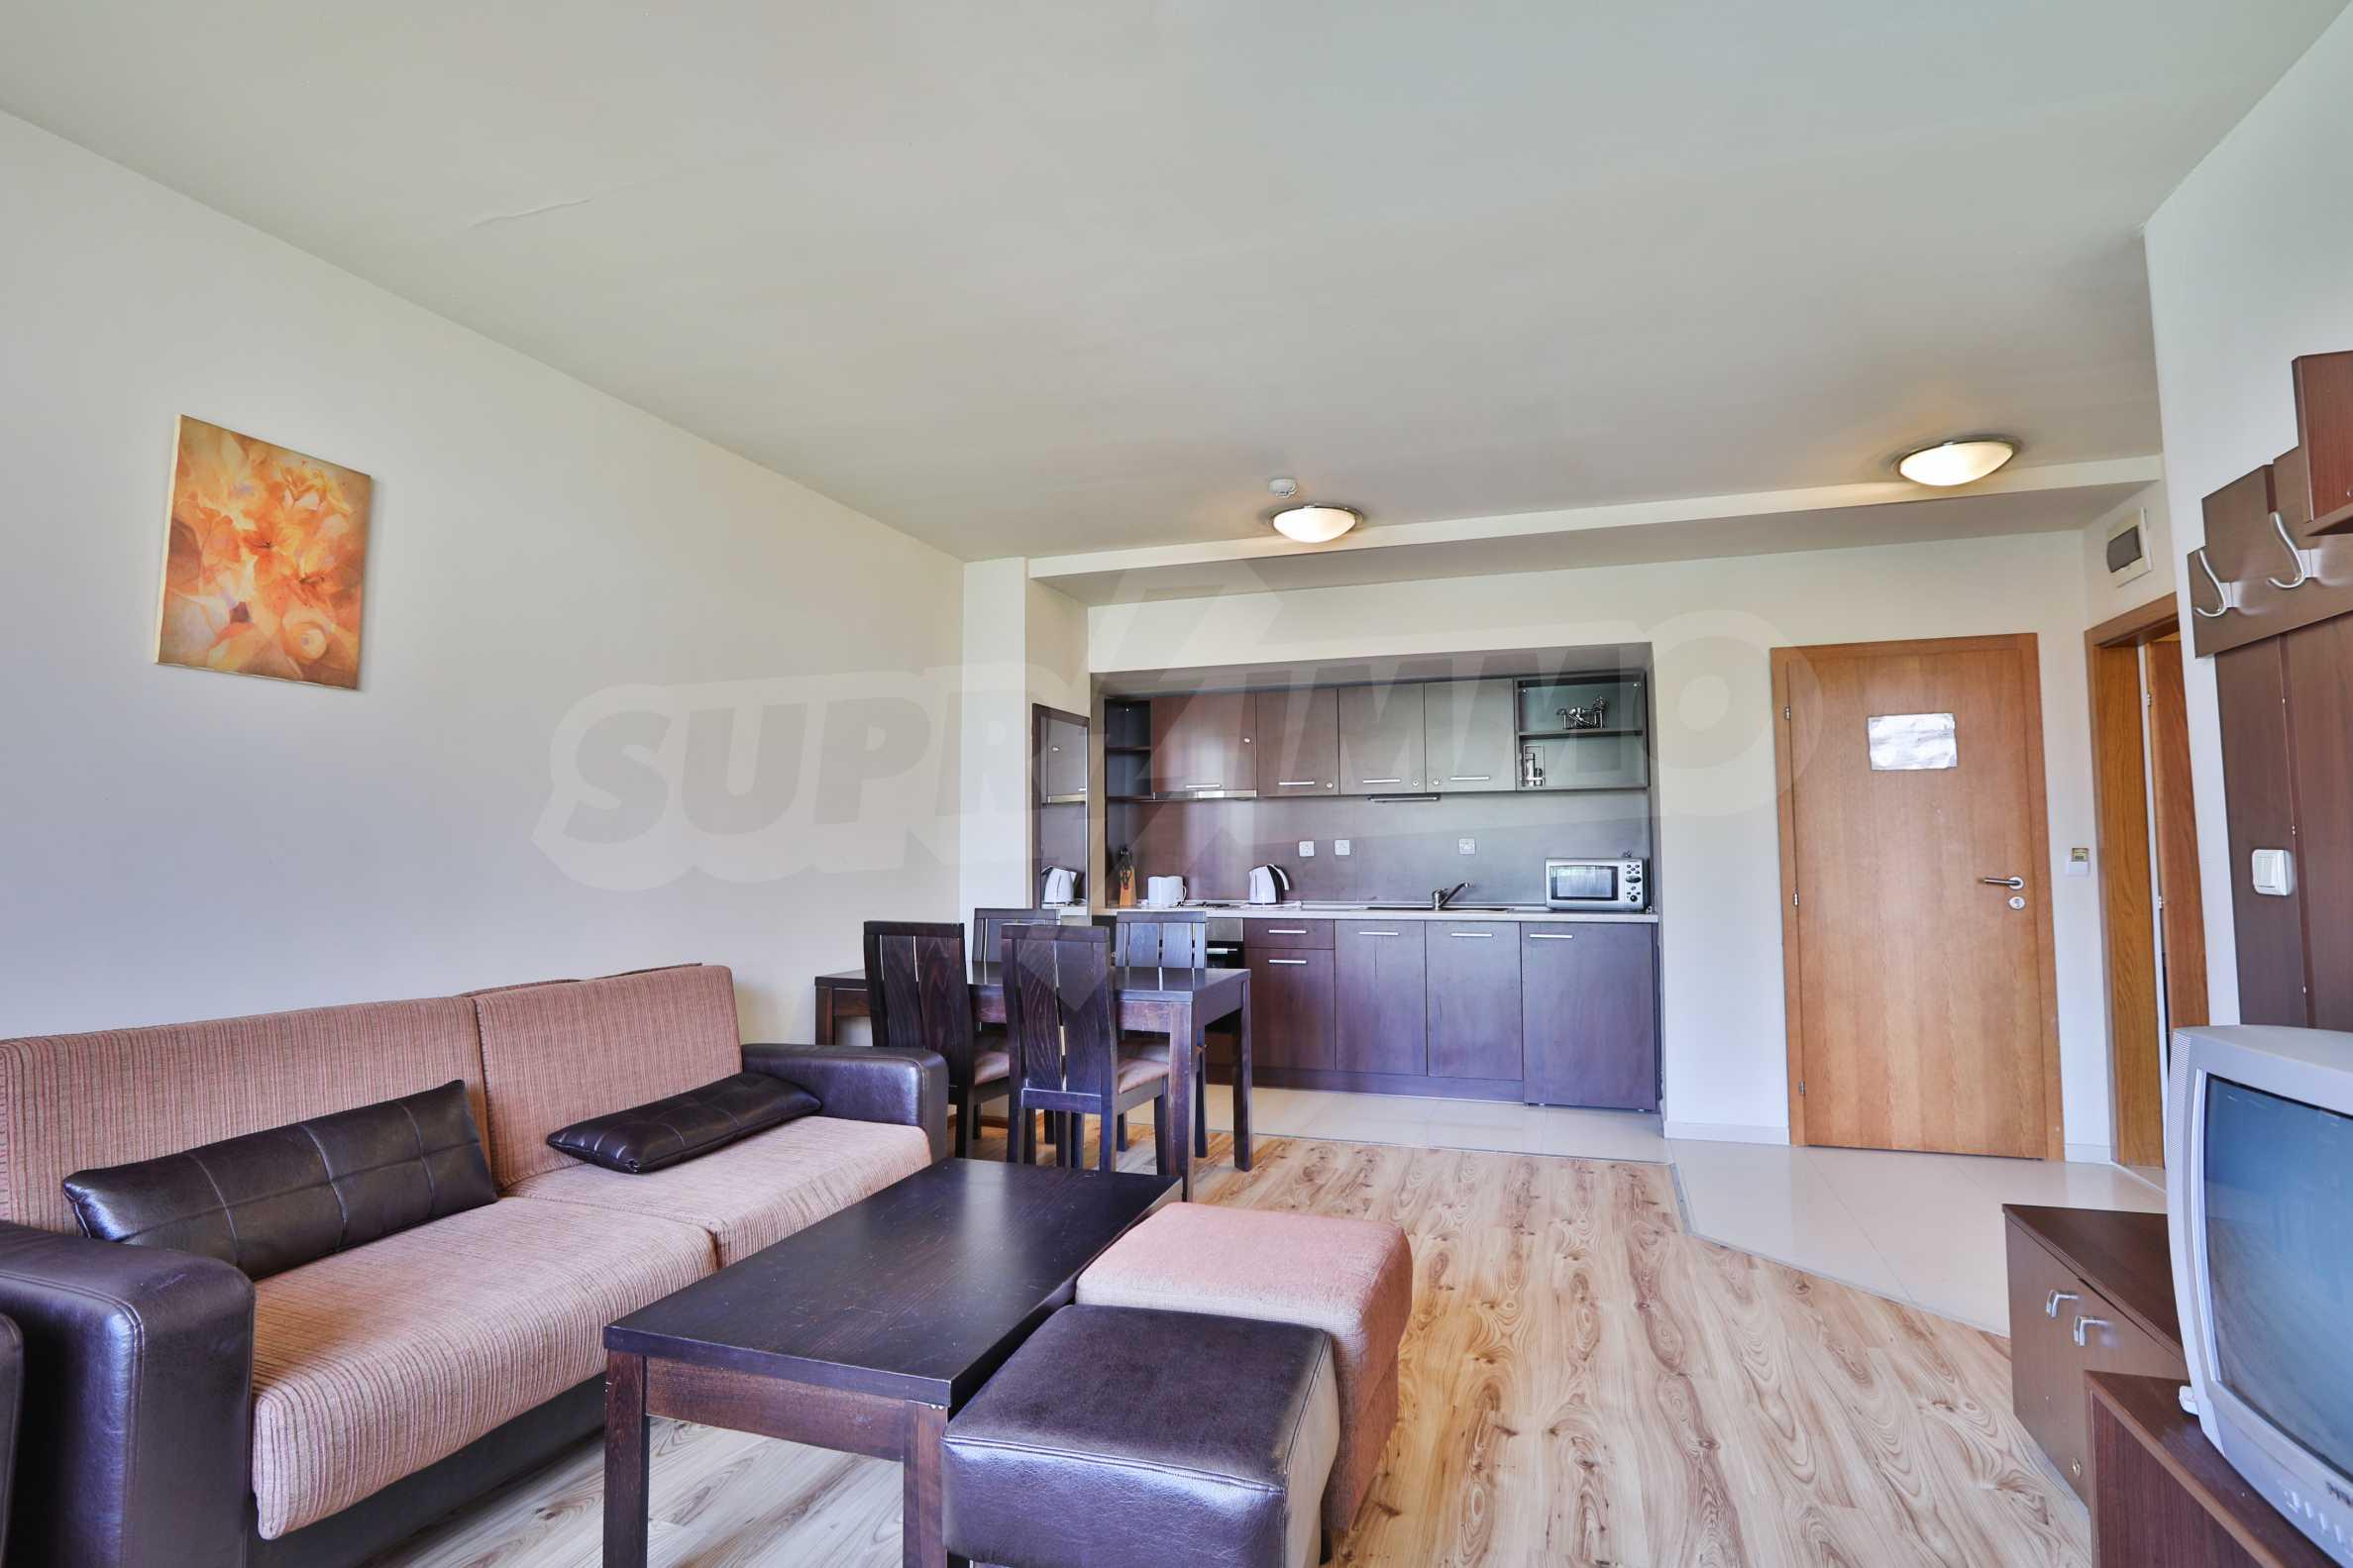 Едноспален апартамент намиращ се в един от най-известните ски курорти - Банско